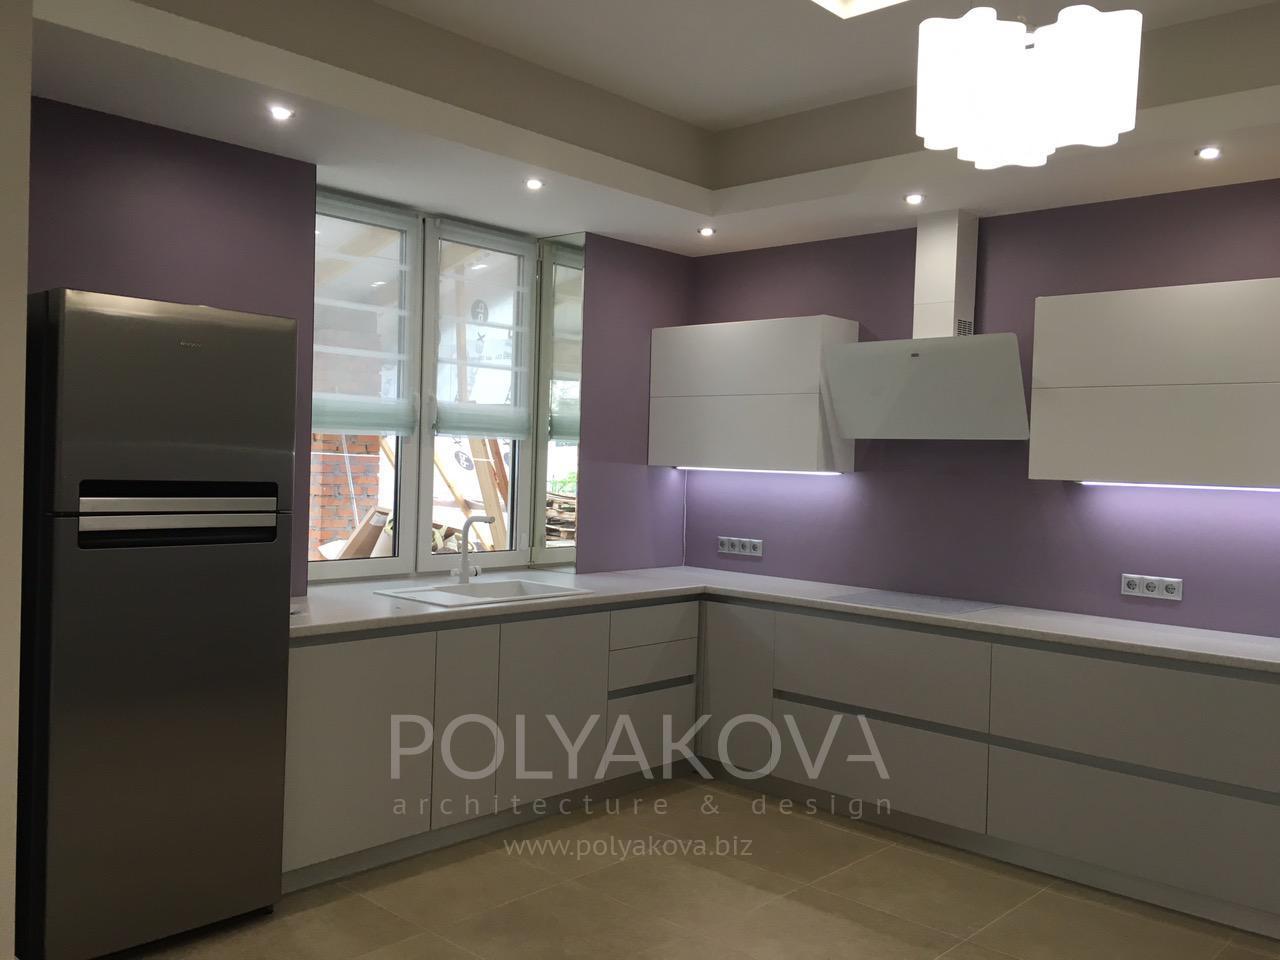 дизайн кухни в частном доме дизайн интерьера кухонь в доме фото